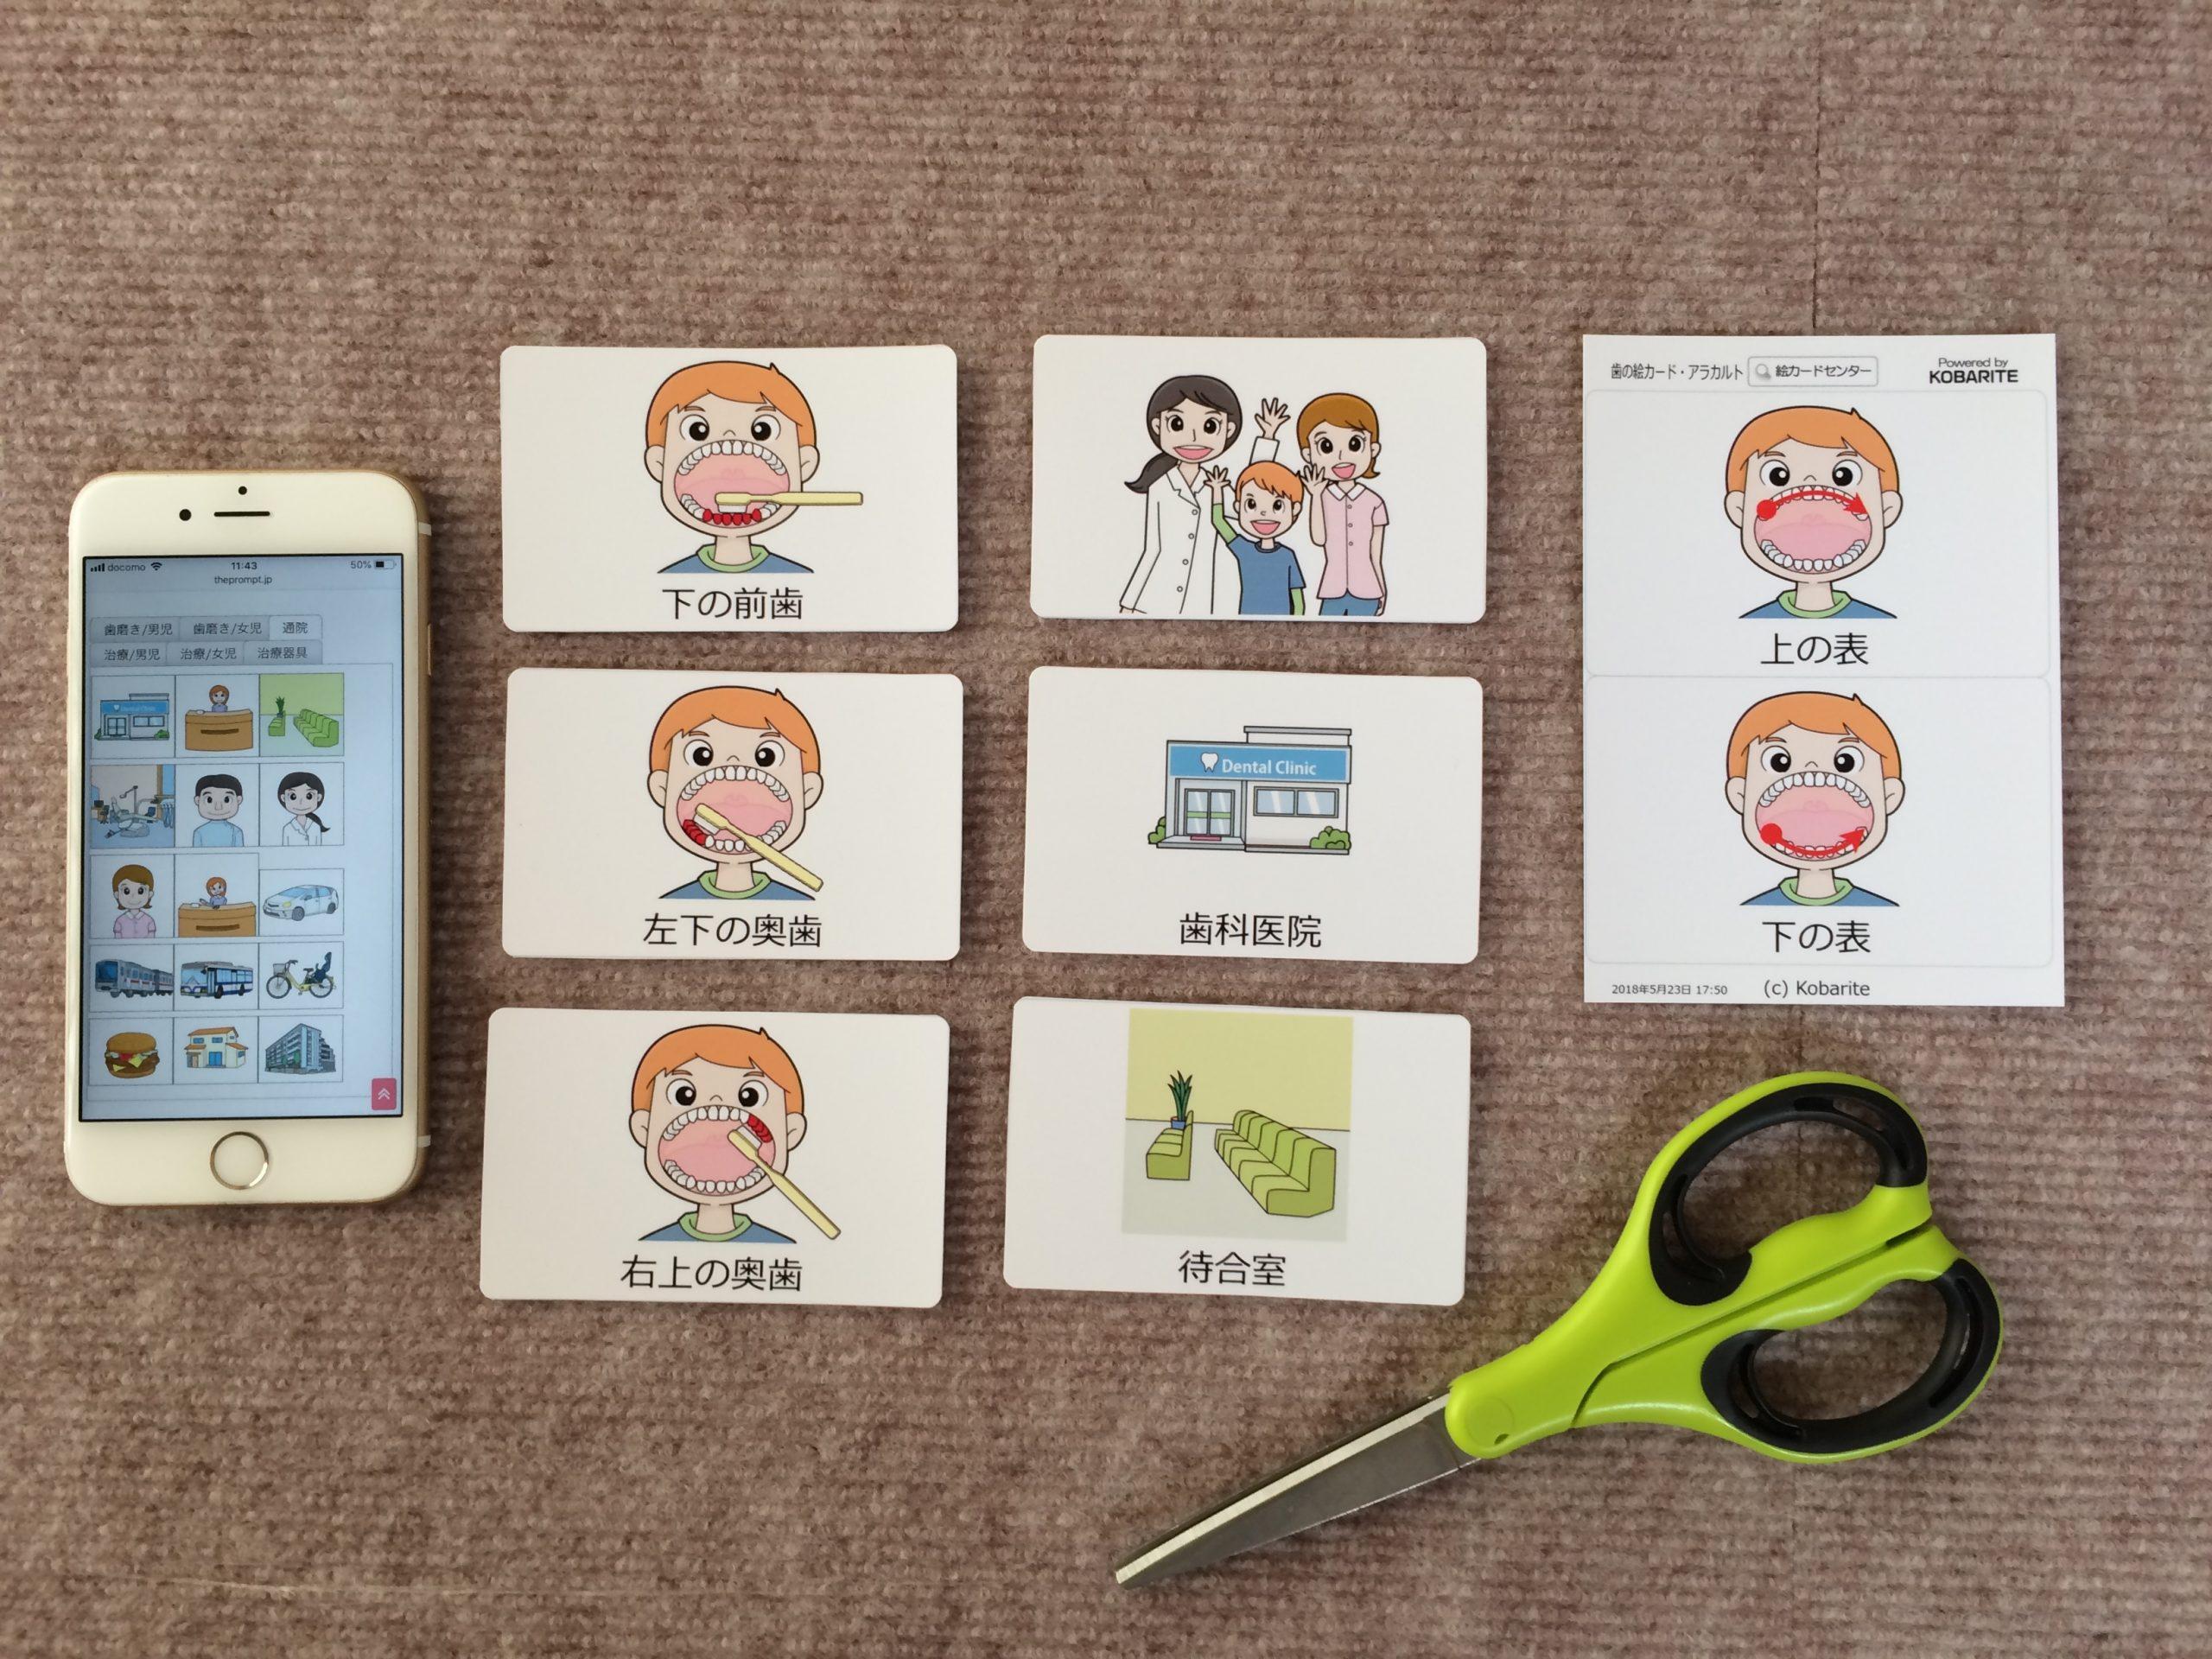 コバリテイラストからIDサイズの歯科絵カードを作る